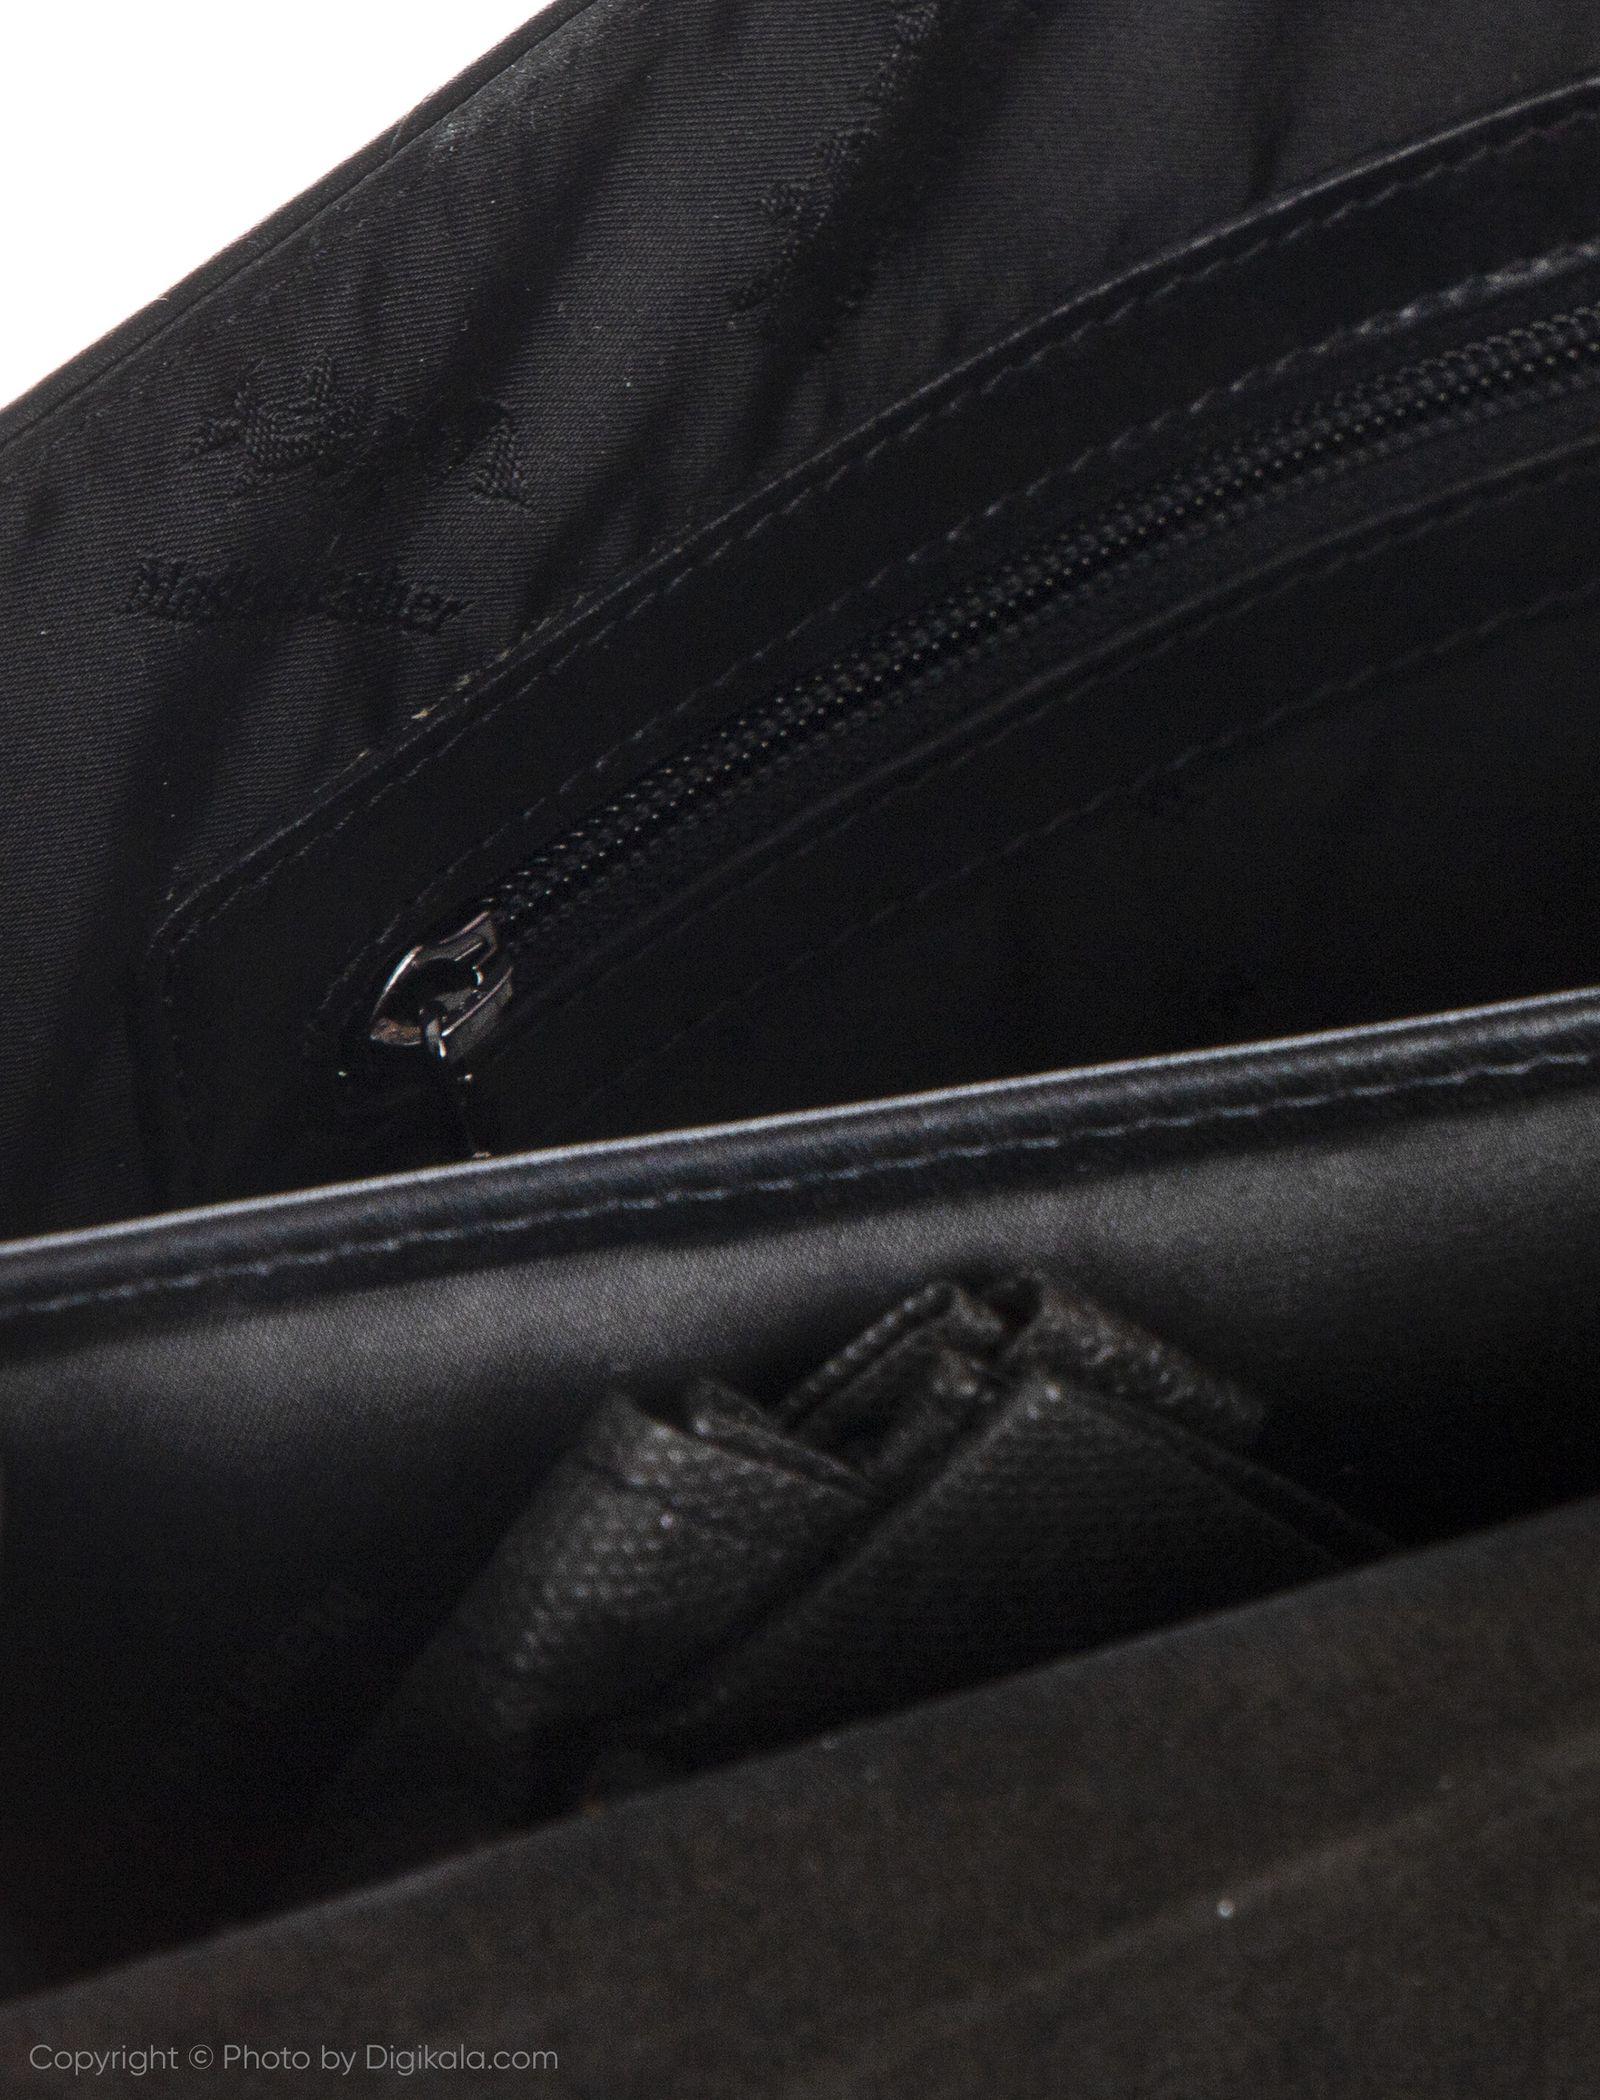 کیف اداری مردانه چرم مشهد مدل A0584-001 -  - 5